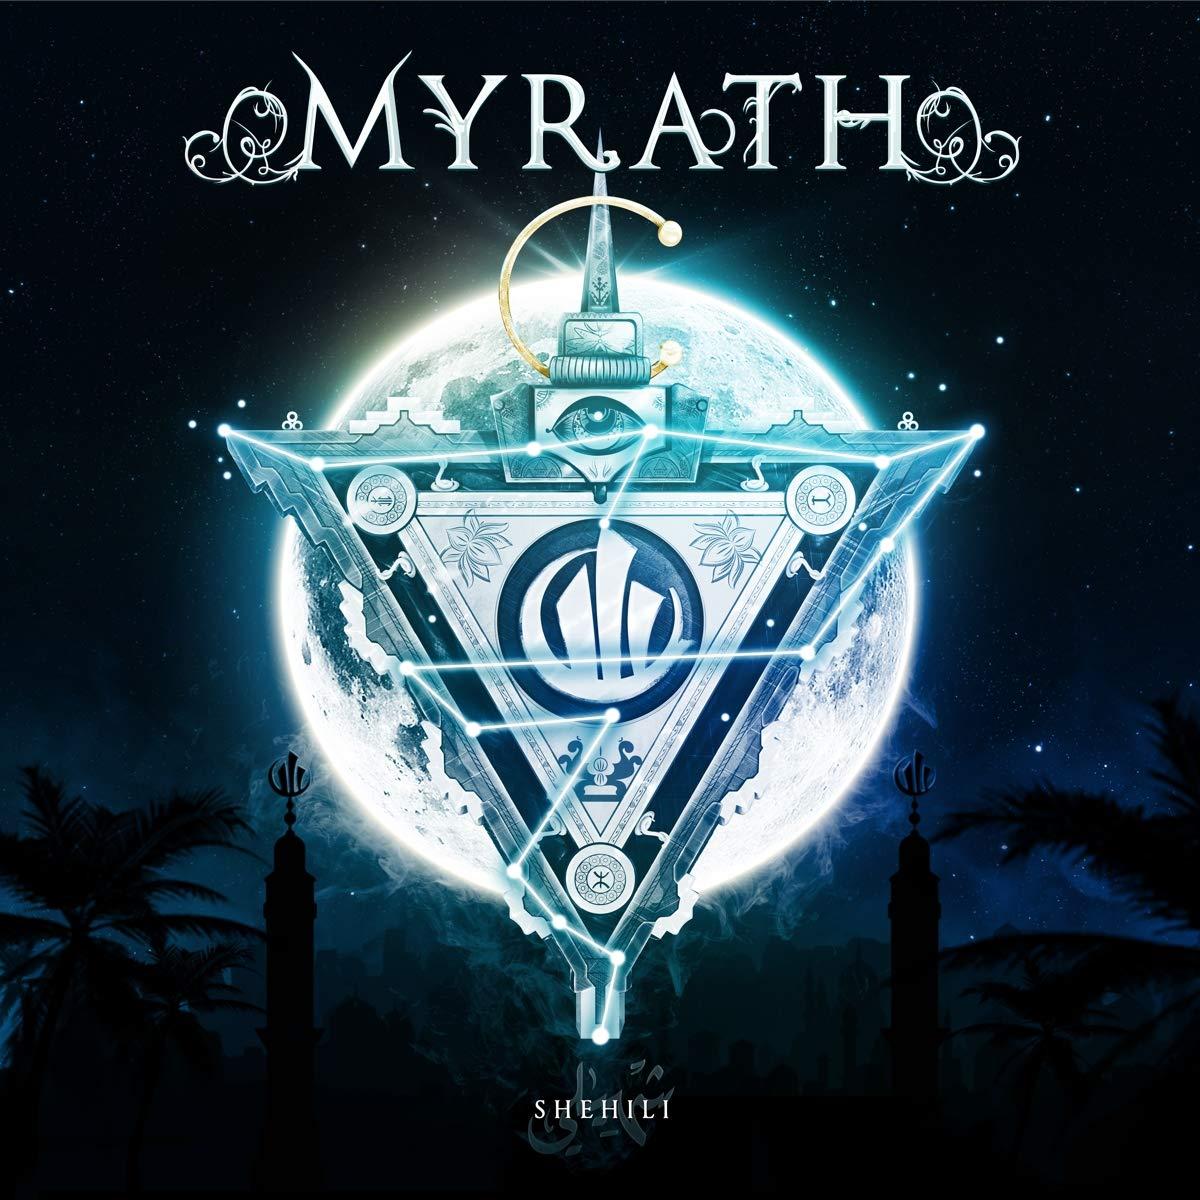 Myrath: Shehili